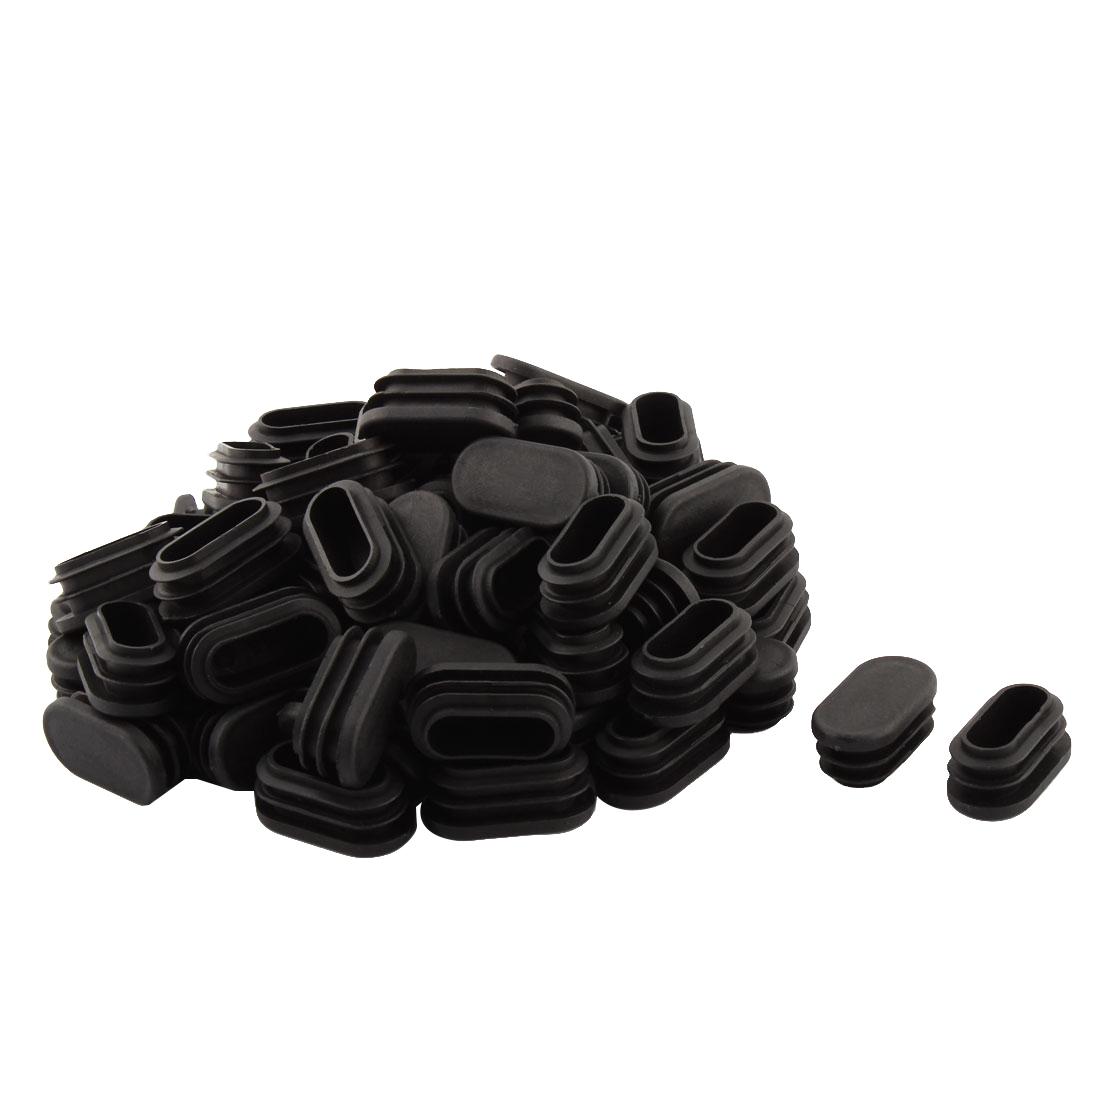 Household Plastic Rectangular Shaped Chair Leg Tube Insert Black 4 x 2cm 70 PCS